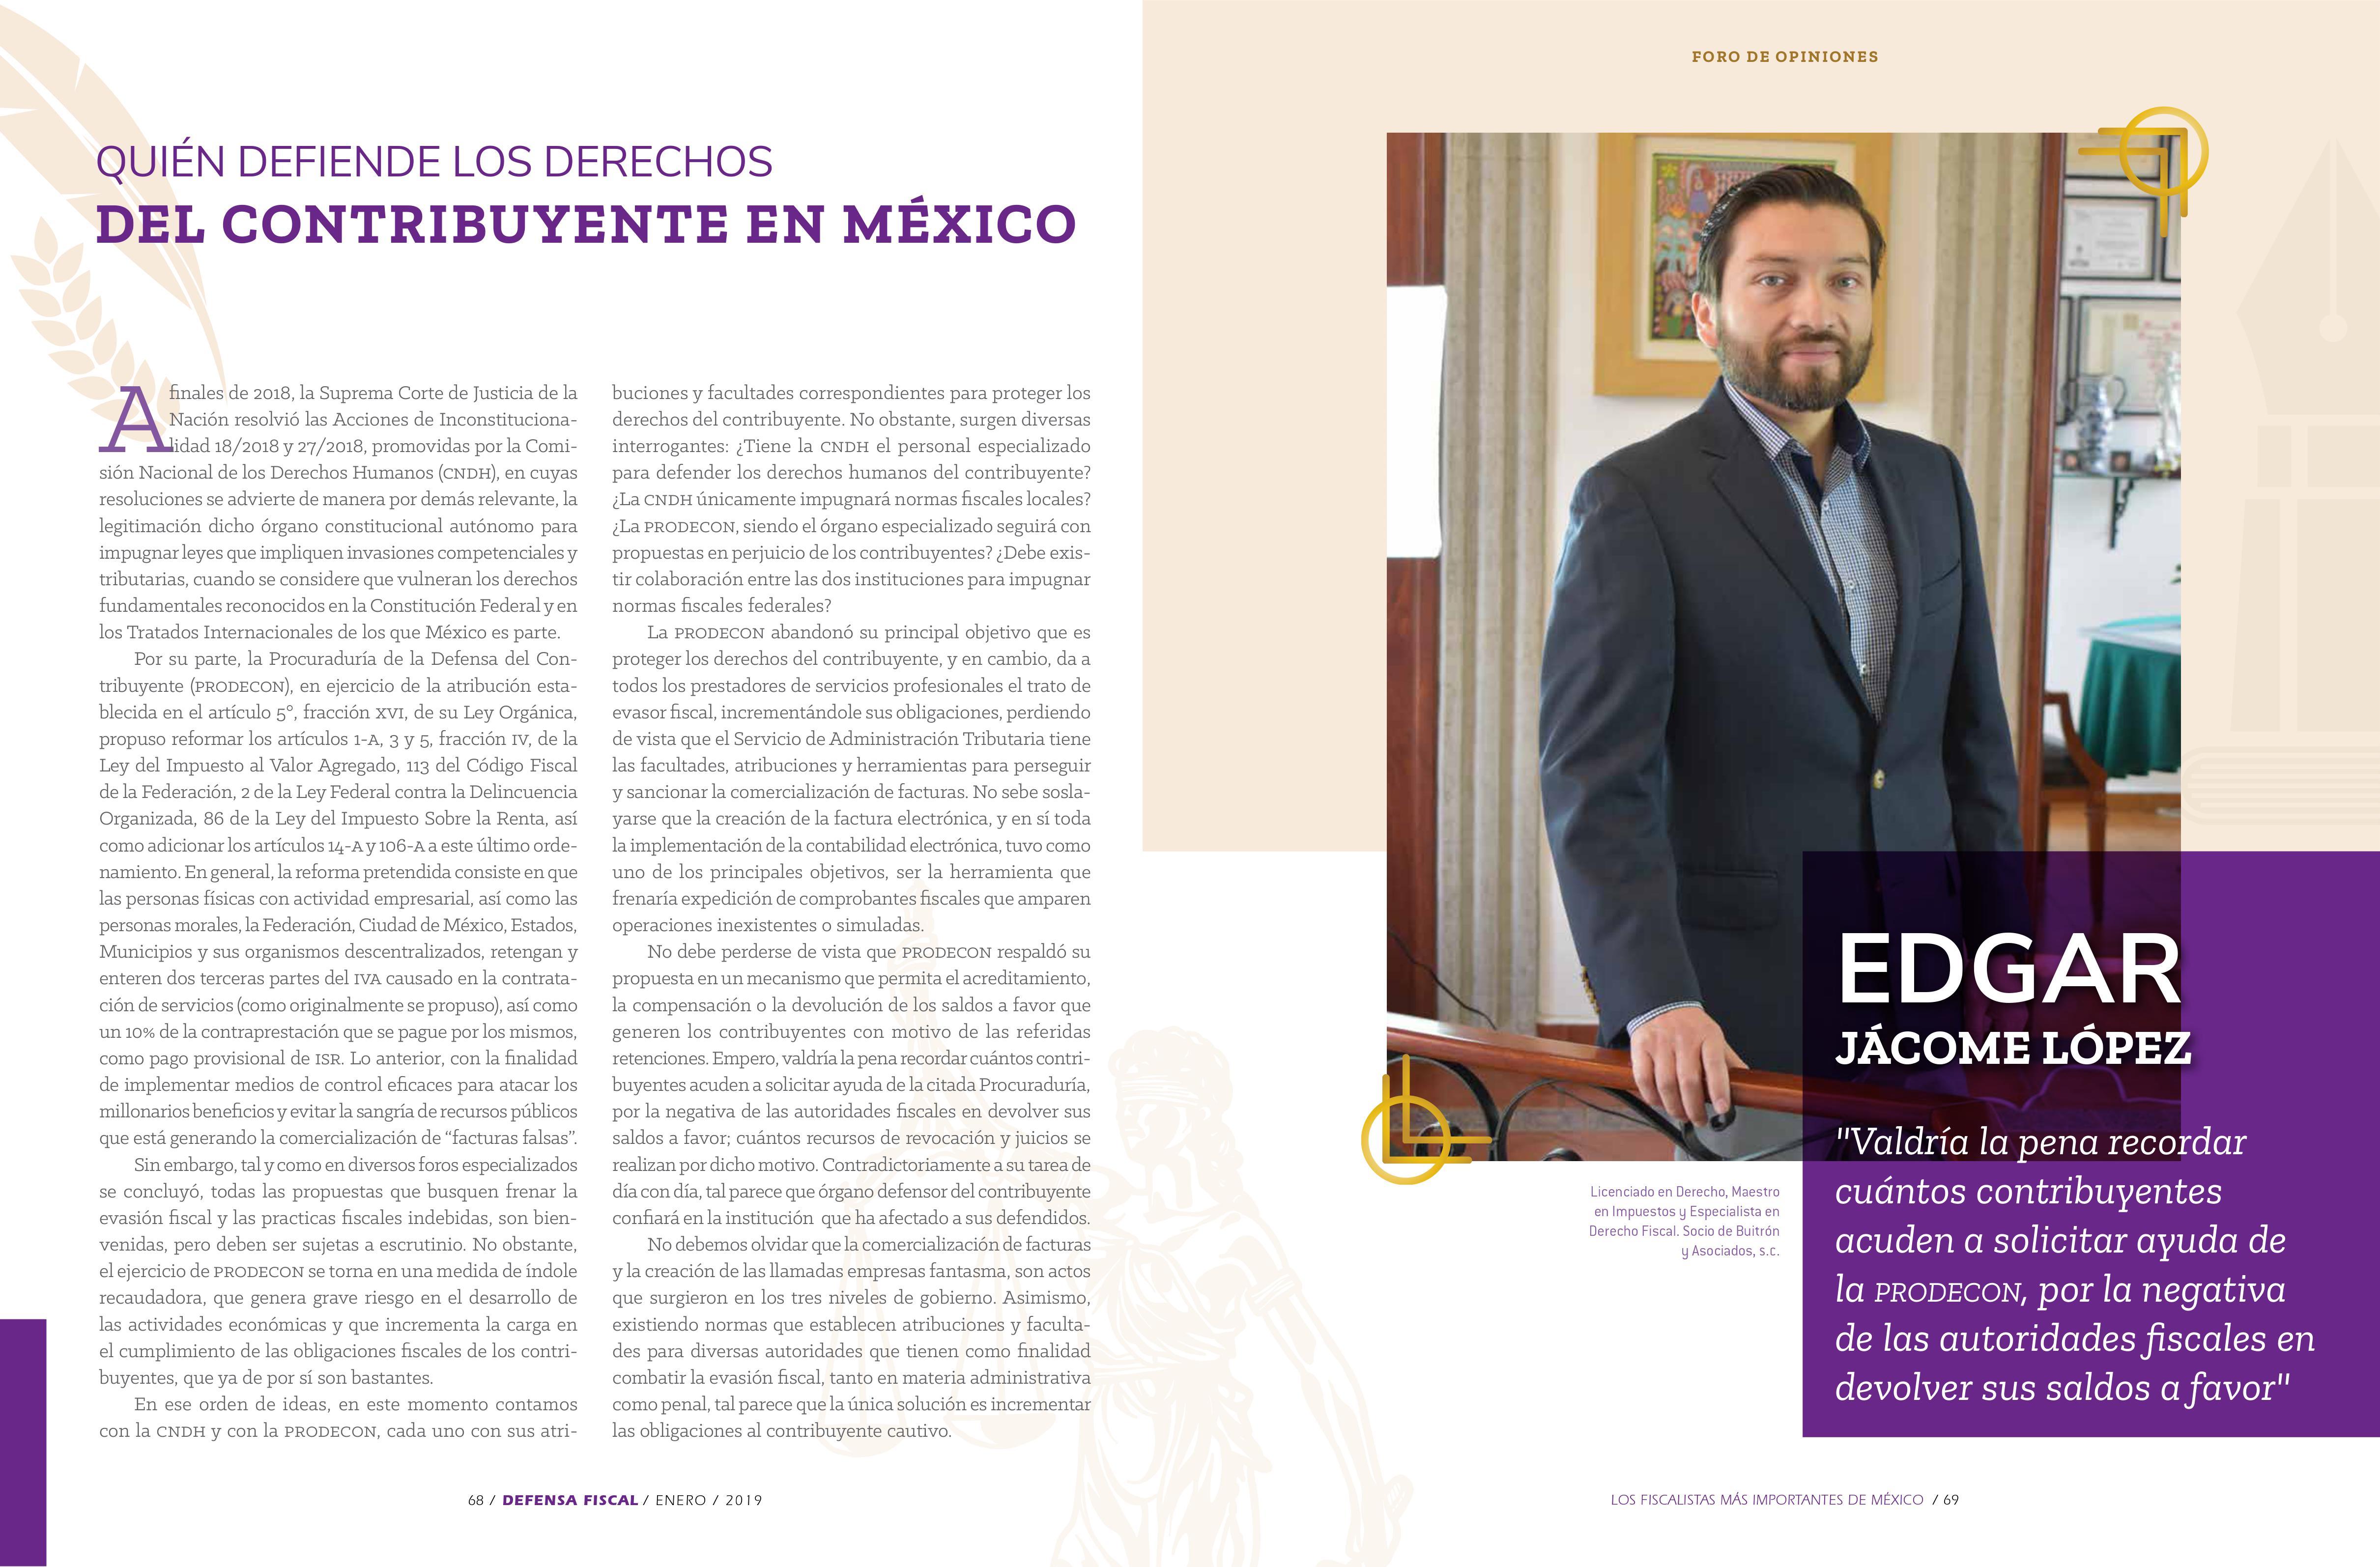 QUIÉN DEFIENDE LOS DERECHOS DEL CONTRIBUYENTE EN MÉXICO